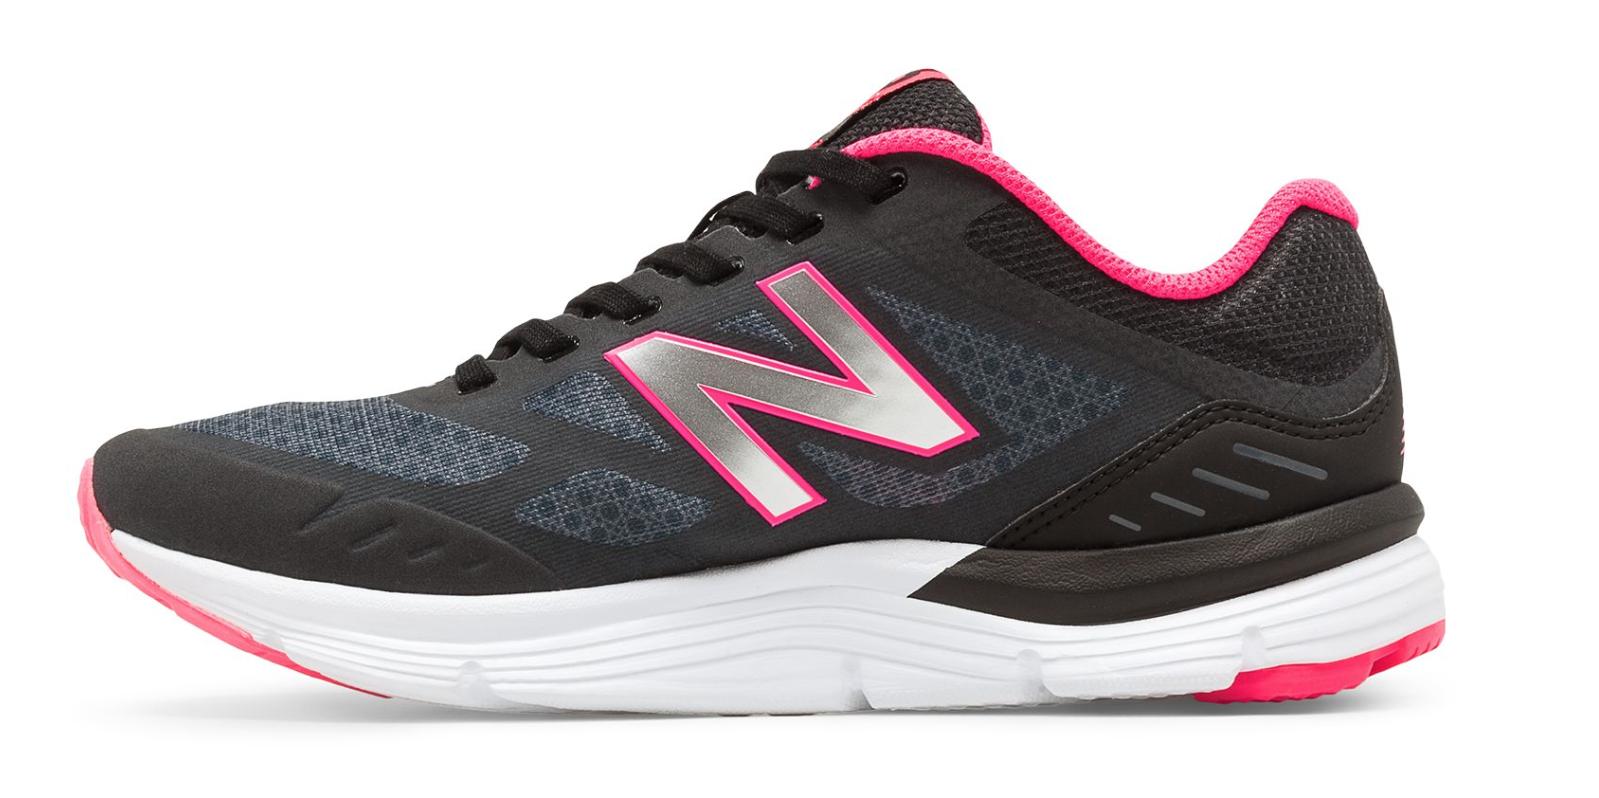 New Balance 775v3 Running Course  Chaussures noir  femmes  Sz 7 D 1131